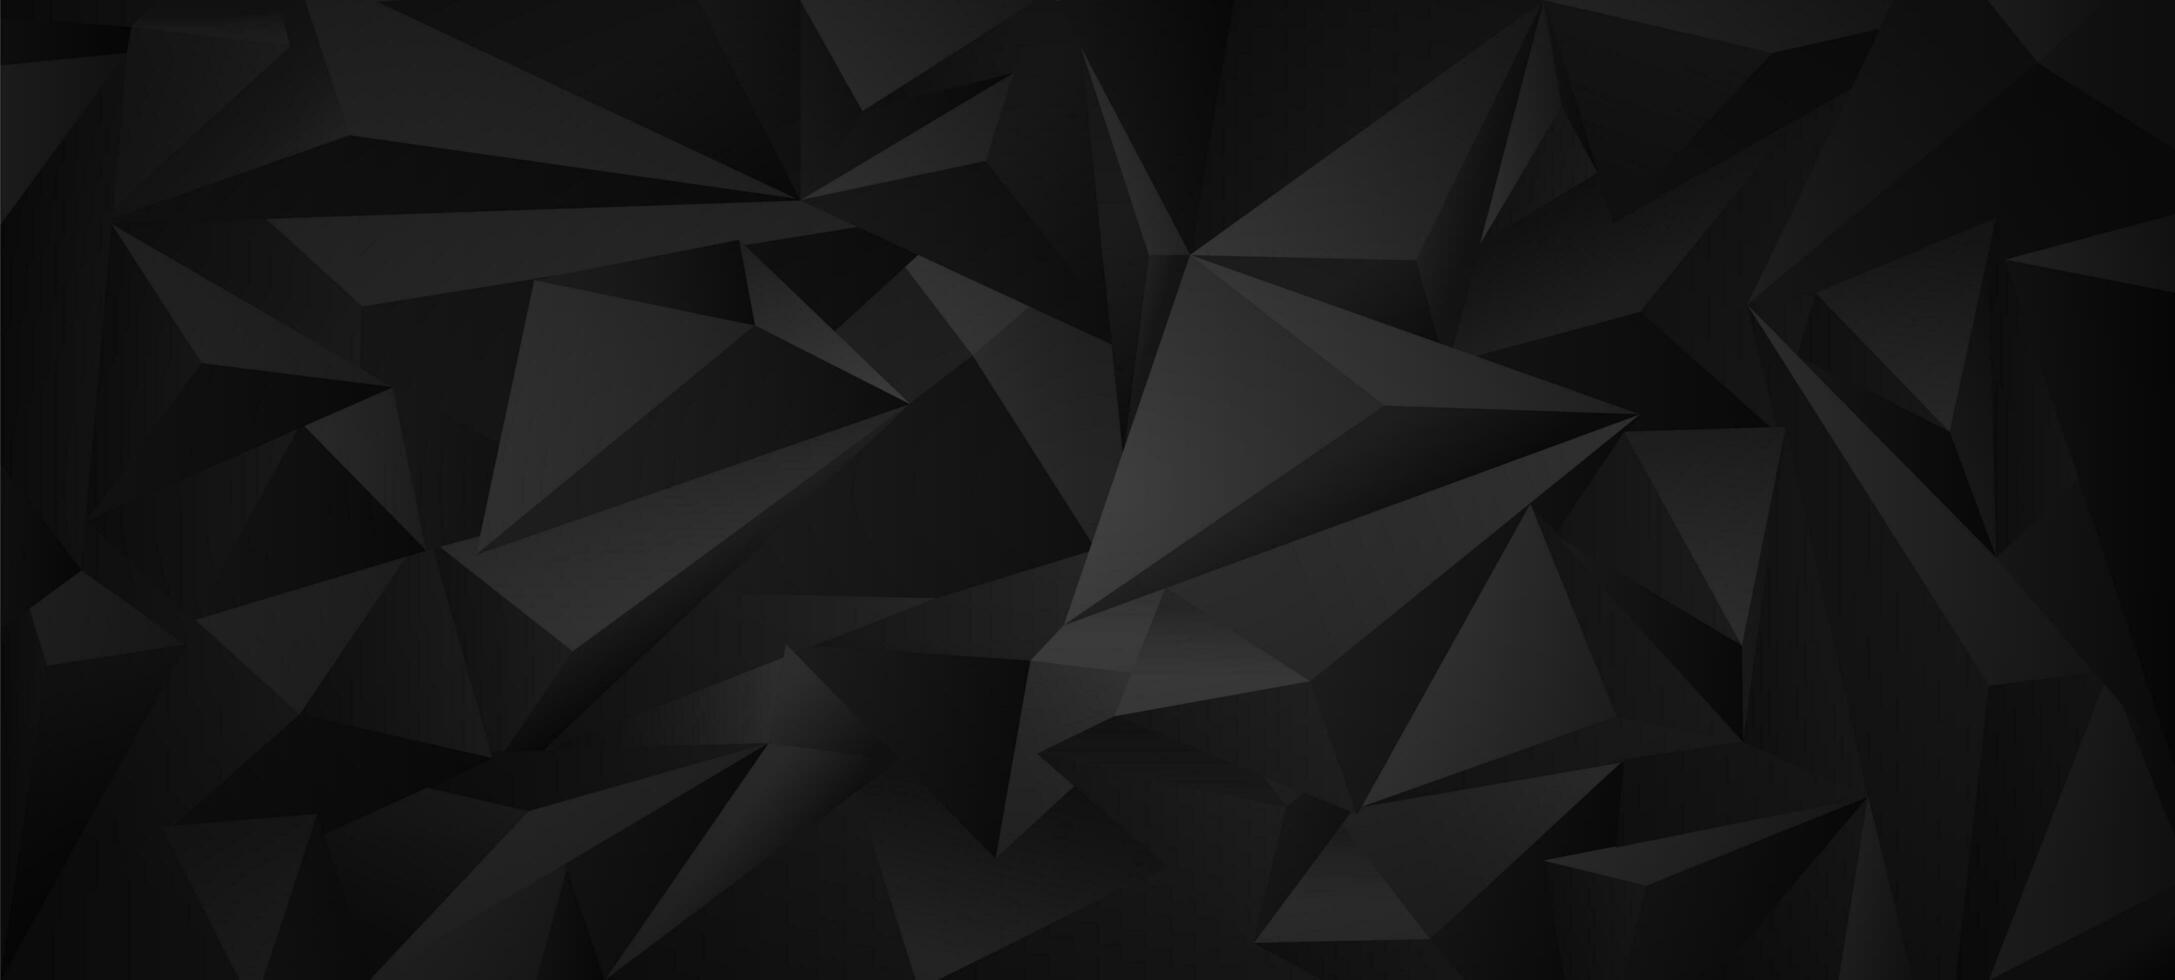 fond géométrique noir low poly. vecteur